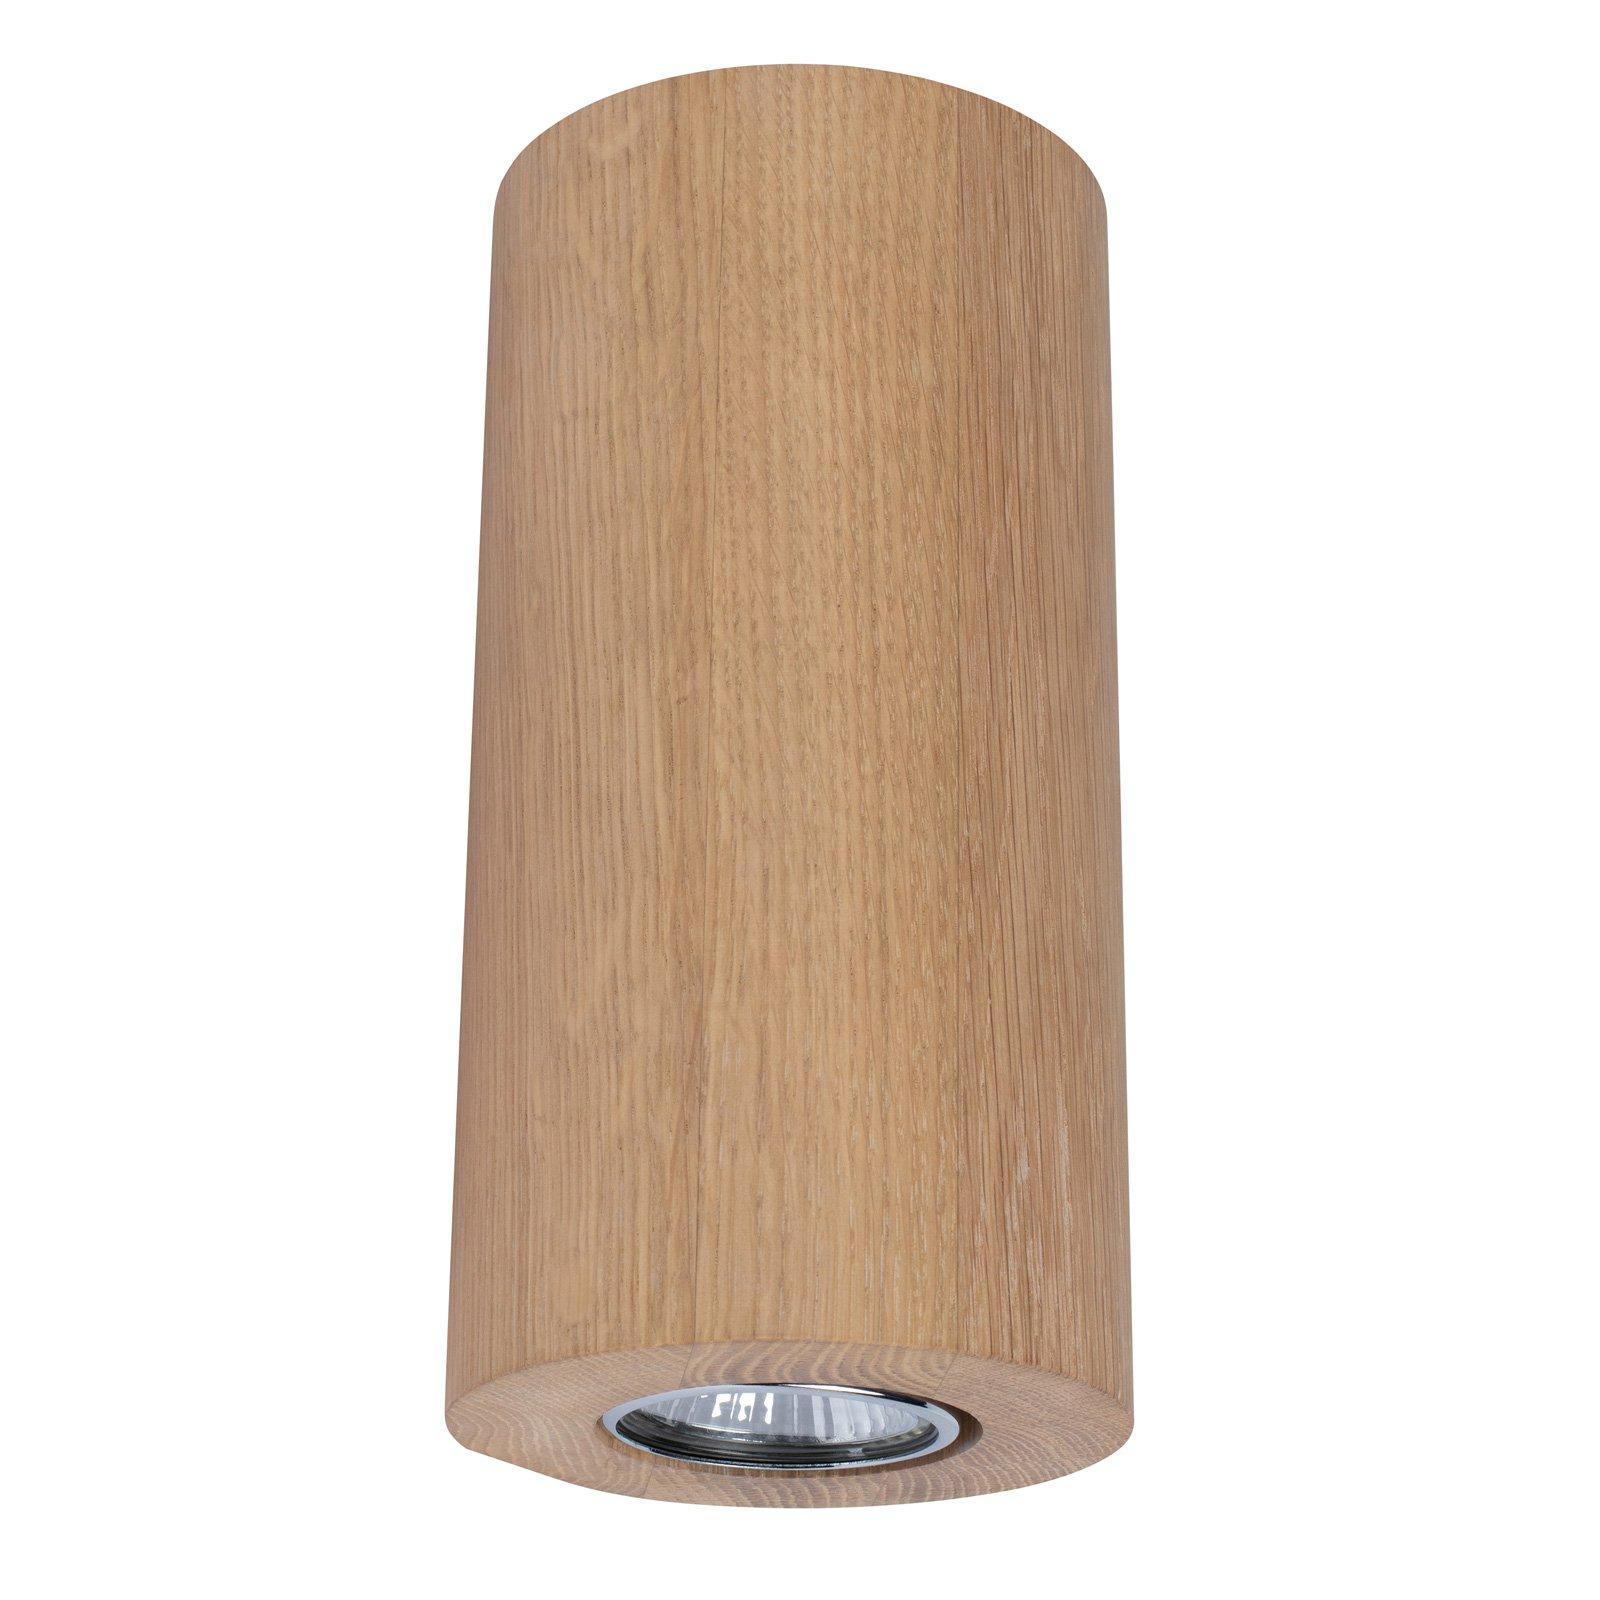 Vegglampe Wooddream 1 lyskilde eik, rund, 20 cm